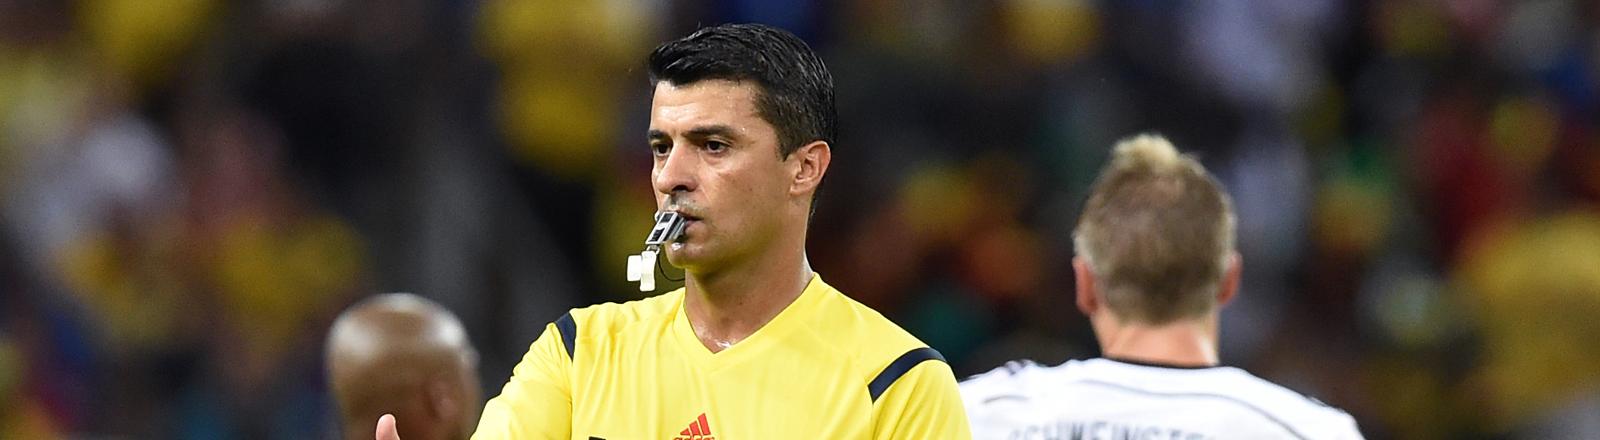 Der brasilianische Schiedsrichter Sandro Ricci pfeift das Achtelfinalspiel Deutschland gegen Algerien am 30.06.2014.